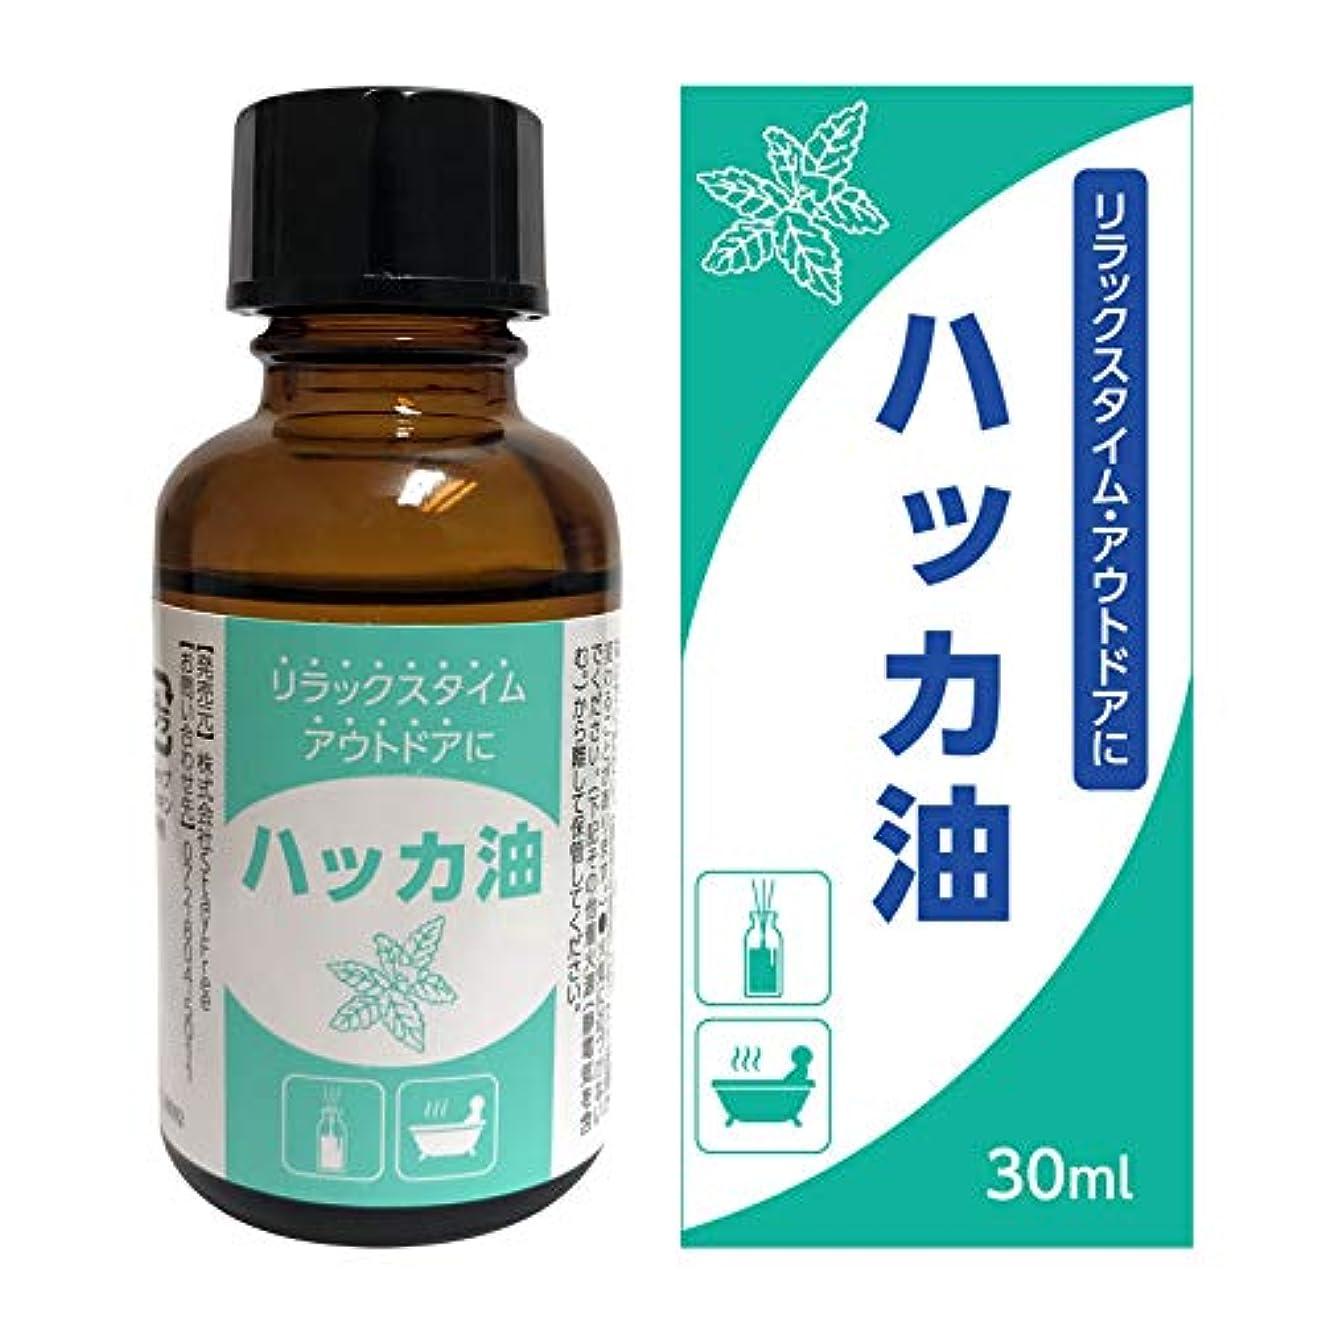 免疫する彫る調整ハッカ油 30ml 天然 ハッカオイル 原液 アロマ アウトドア お風呂 (30ml(単体))